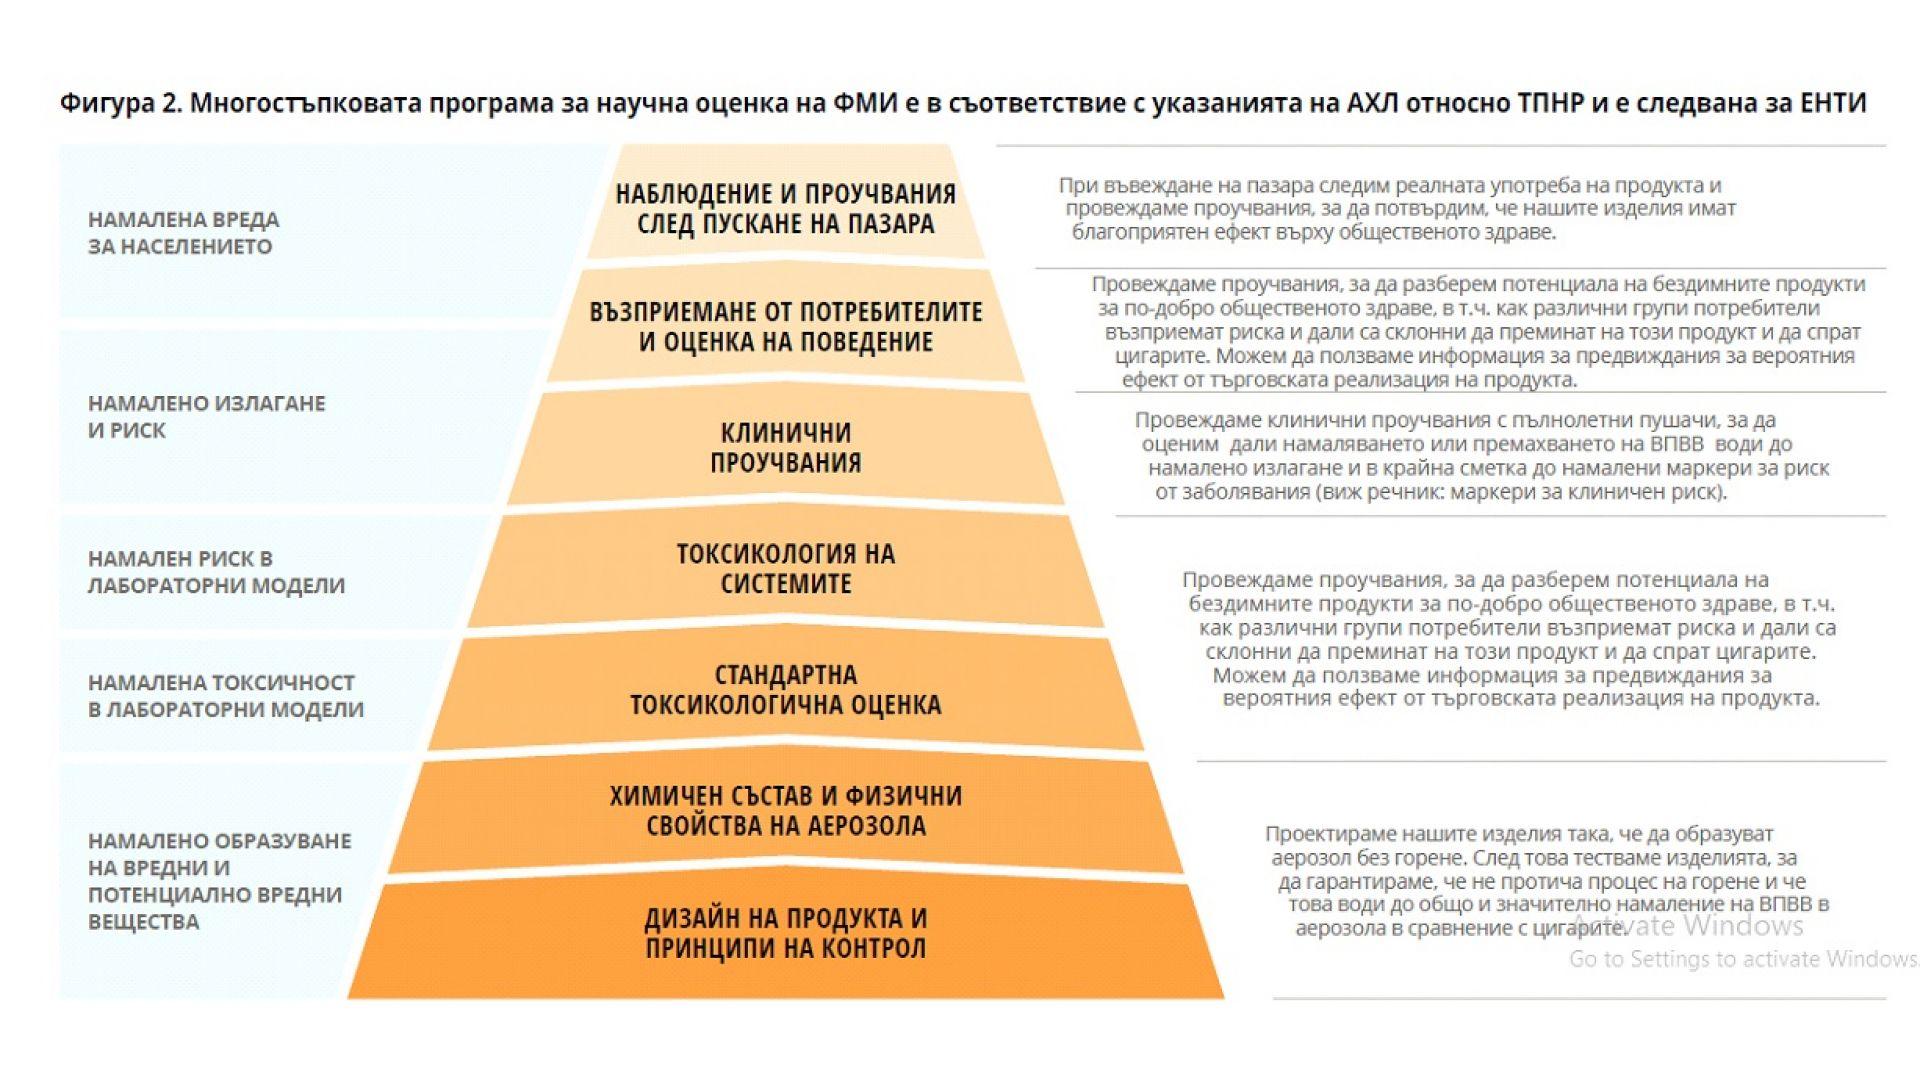 Научна оценка на ФМИ в съответствие с изискванията на Агенцията по храните и лекарствата на САЩ